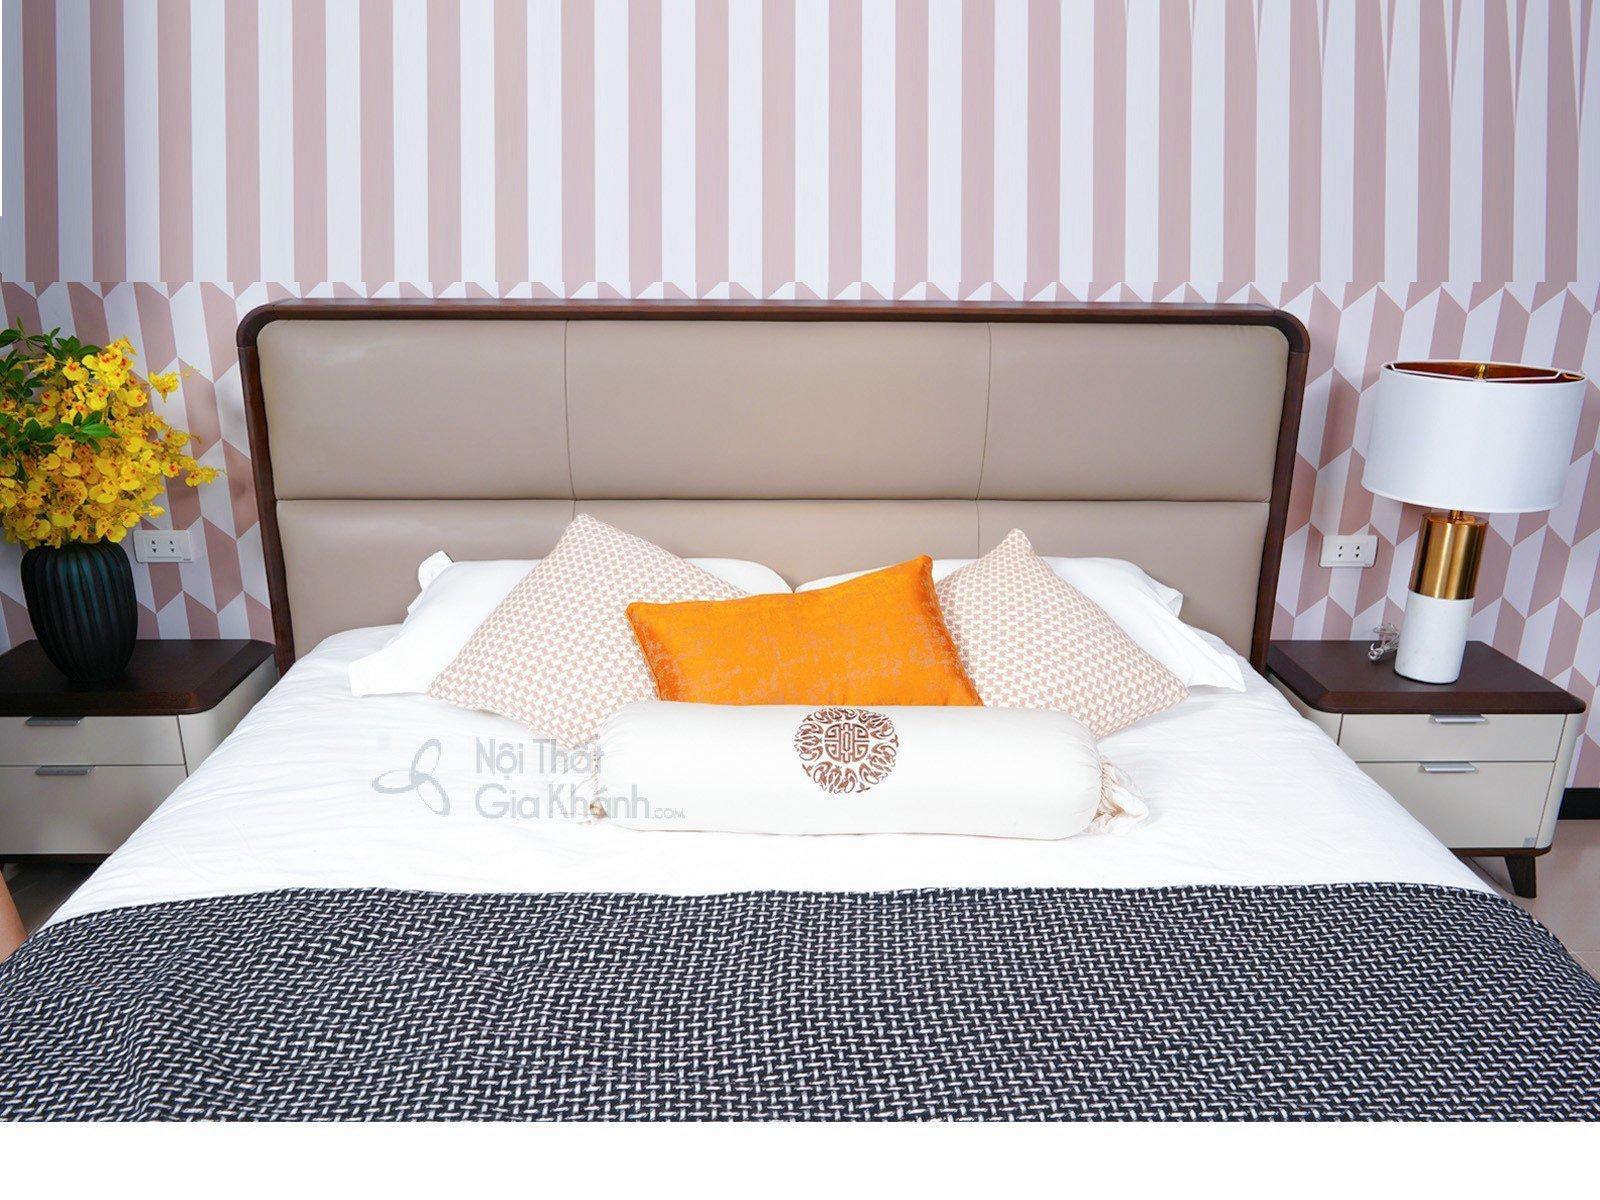 Mẫu Giường Ngủ Chung Cư Đẹp Gỗ Tự Nhiên Bọc Da Nhập Khẩu 1809AL - GIUONG NGU HIEN DAI 1809AL 2050x2260x1165 3 1